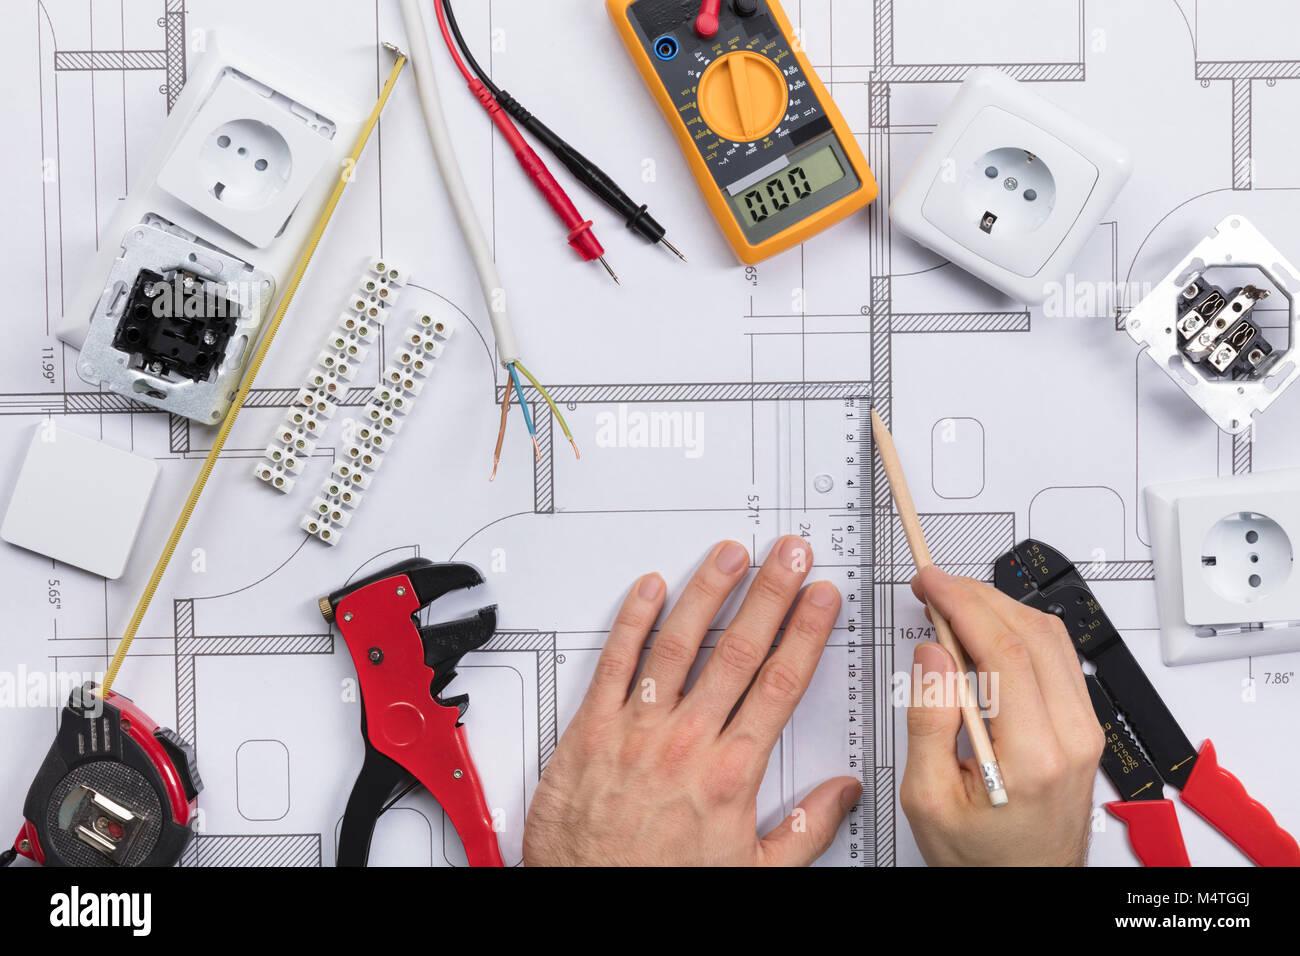 Nett Elektrische Strichzeichnung Galerie - Elektrische Schaltplan ...